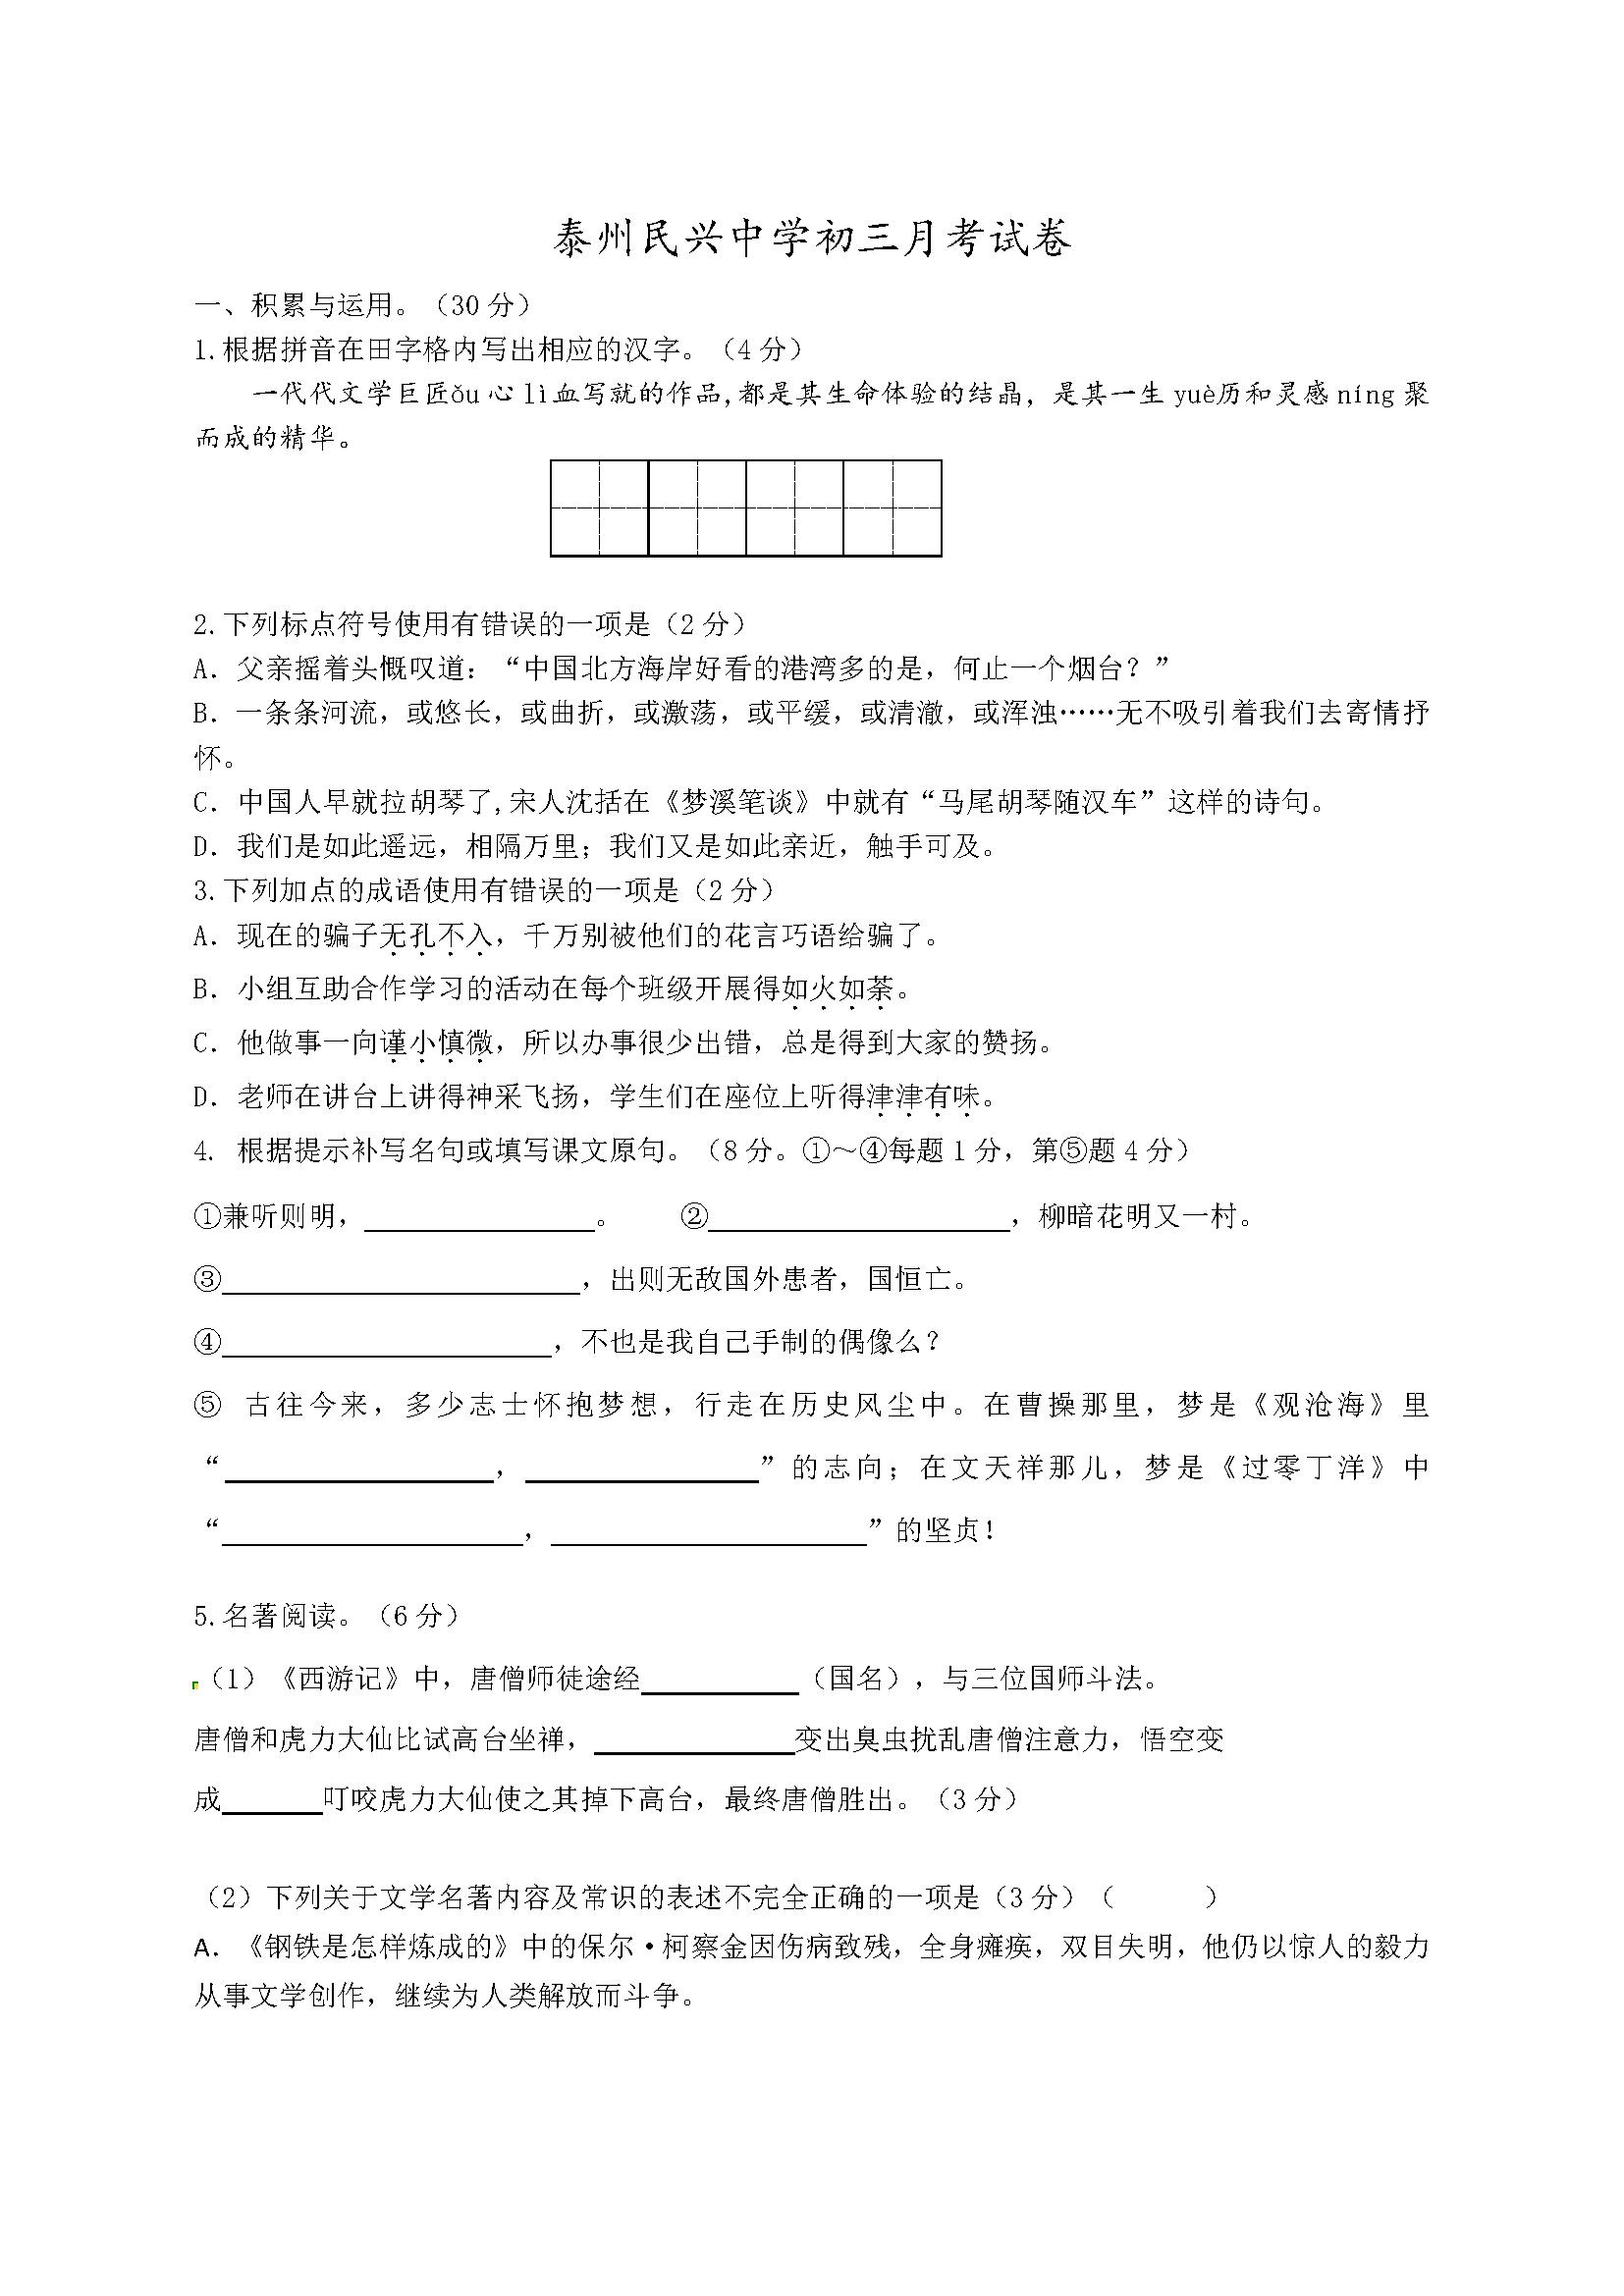 2017届江苏泰州民兴实验中学九年级下第一次月考语文试题(图片版)